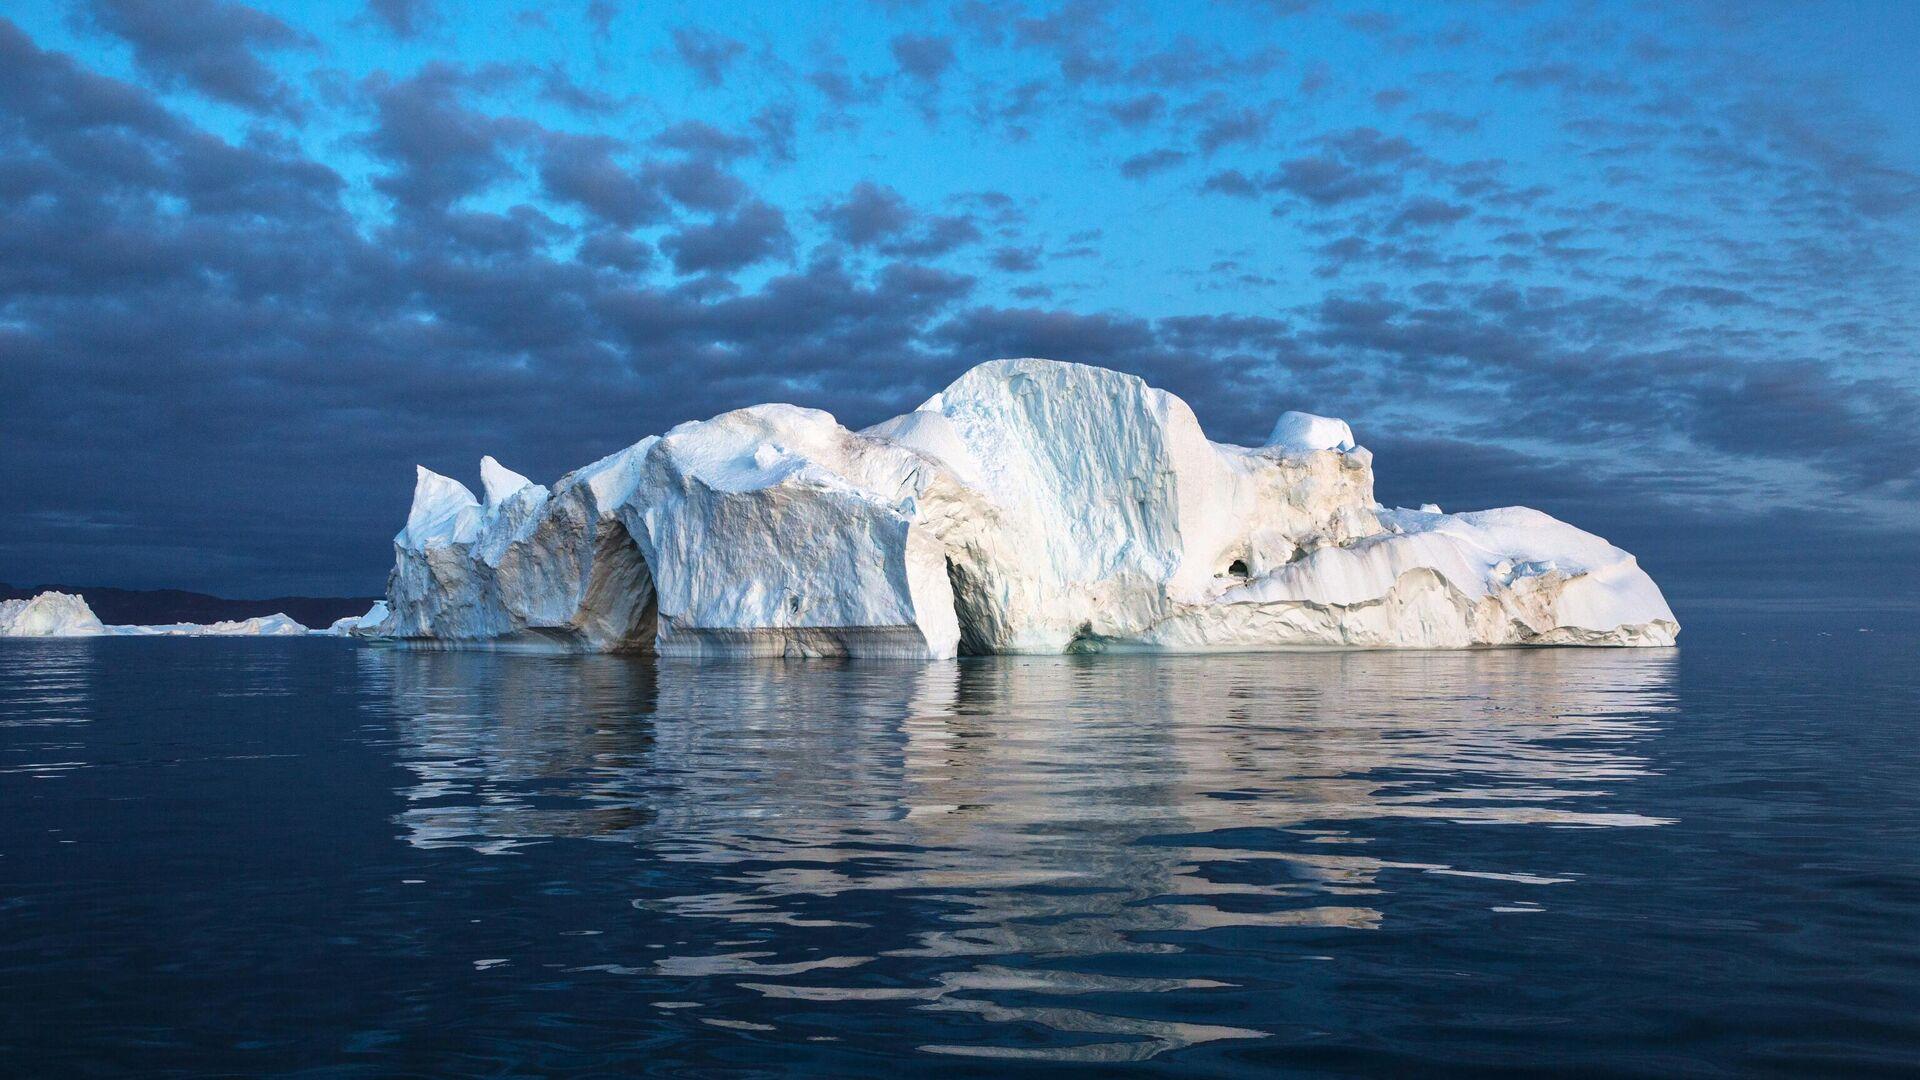 Айсберг в акватории острова Гренландия - РИА Новости, 1920, 31.08.2020